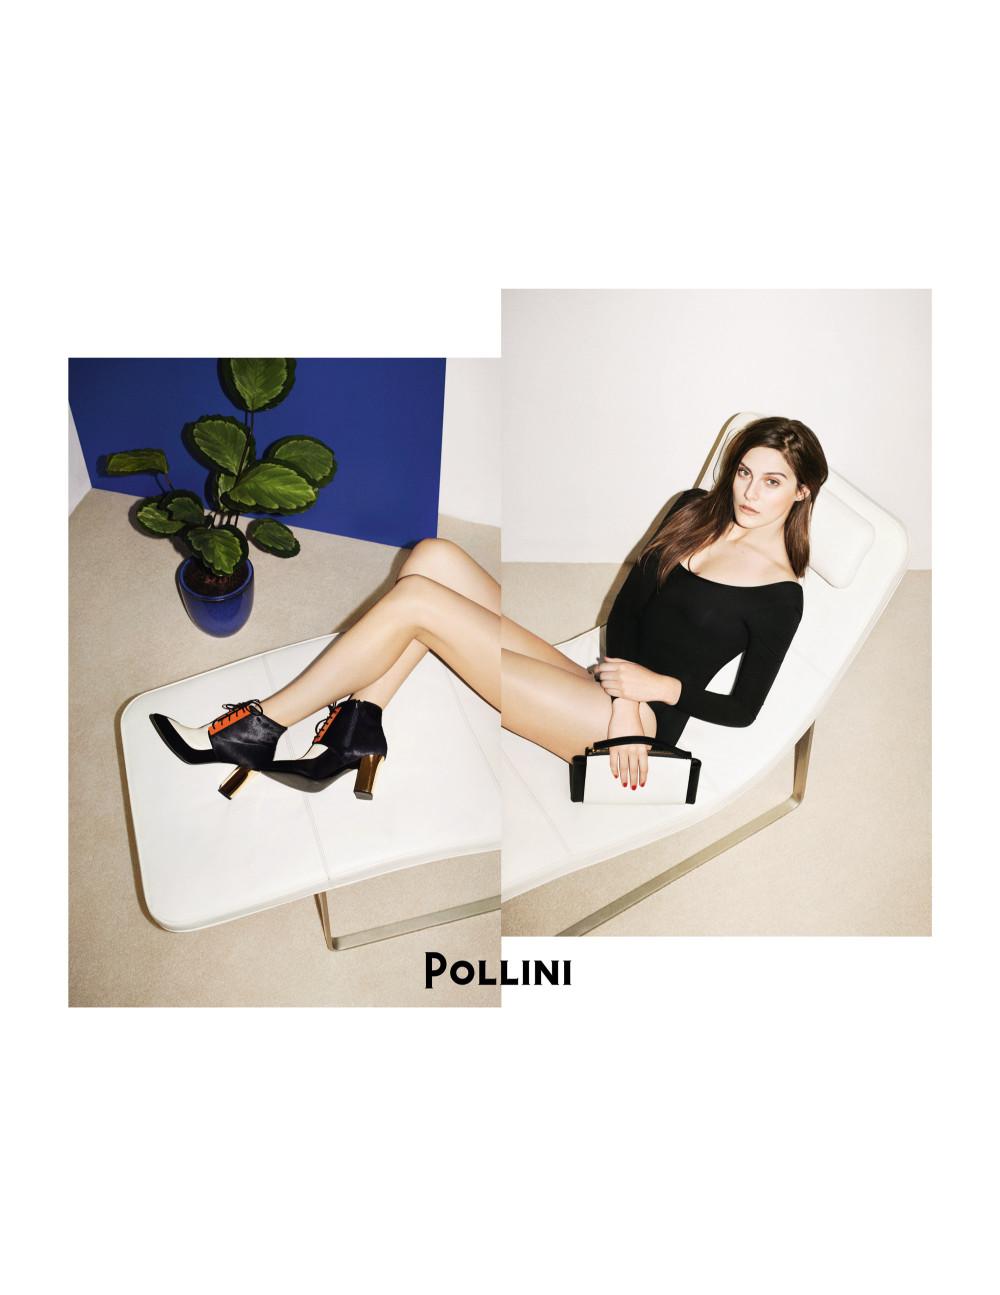 Pollini Campaign